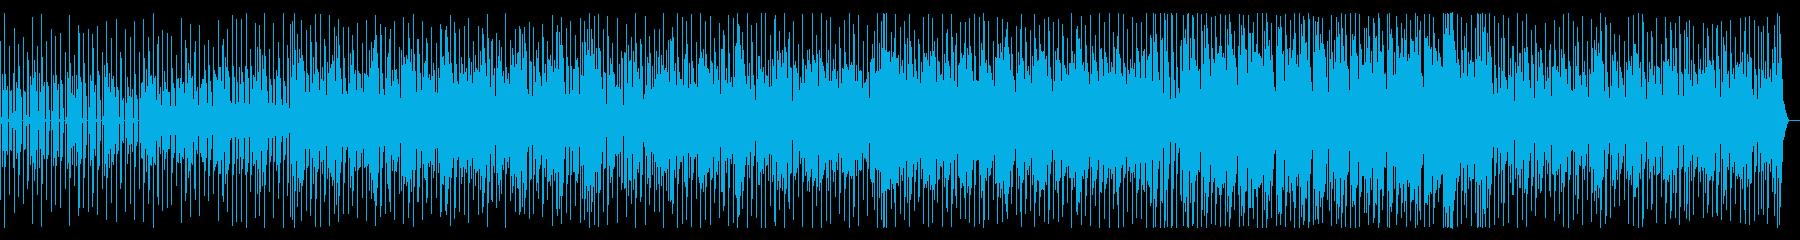 陽気でポップな80年代風シンセウェーブの再生済みの波形